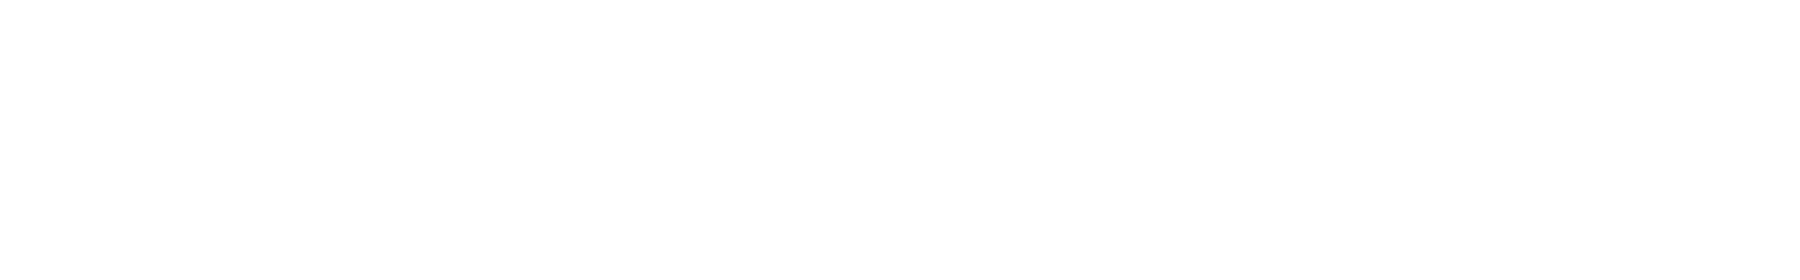 veh2 synths   105 c